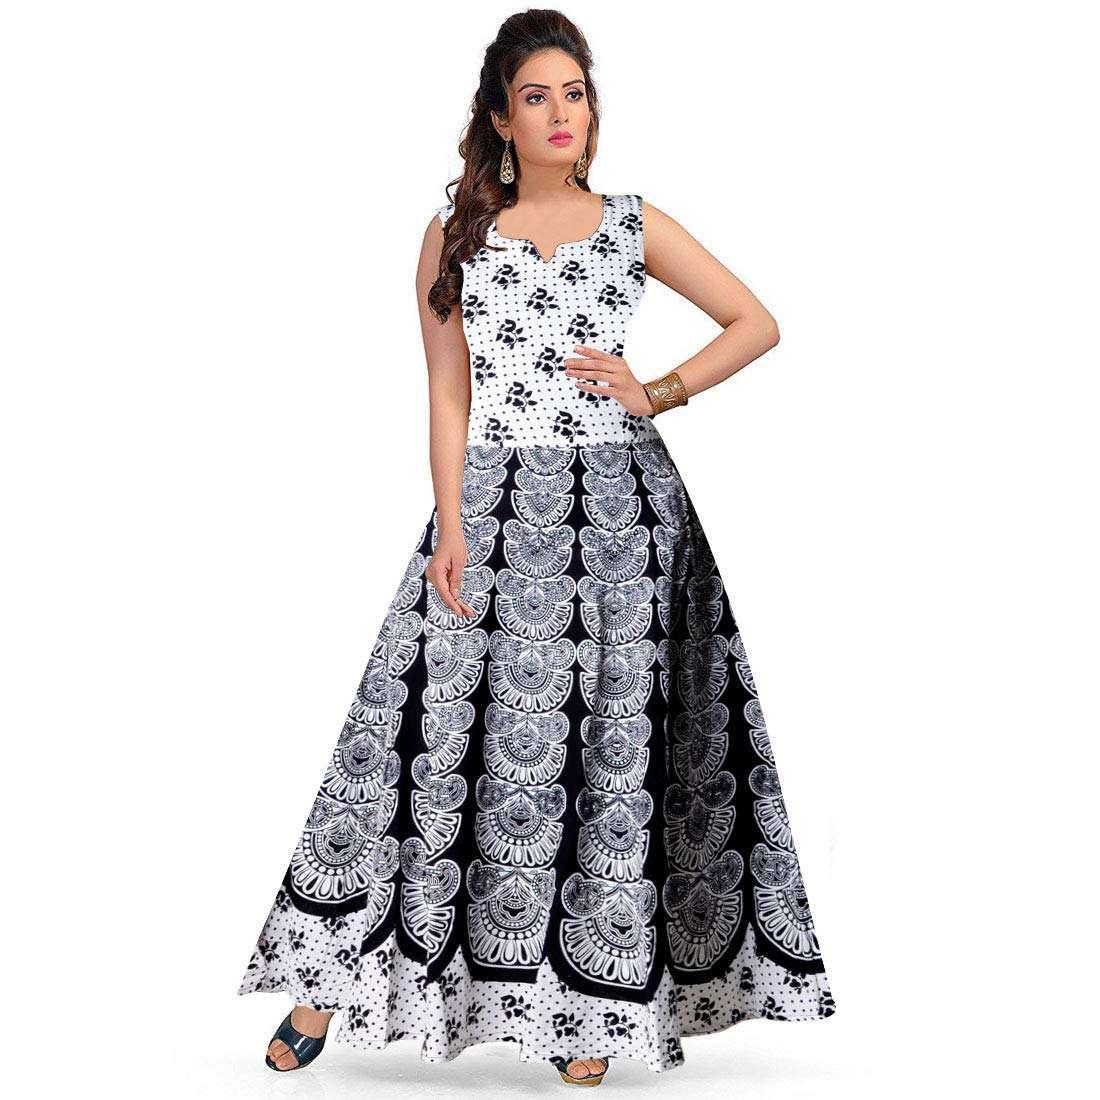 Women Jaipuri Printed Cotton Maxi Dress (Code: C775144) Price ₹ 379